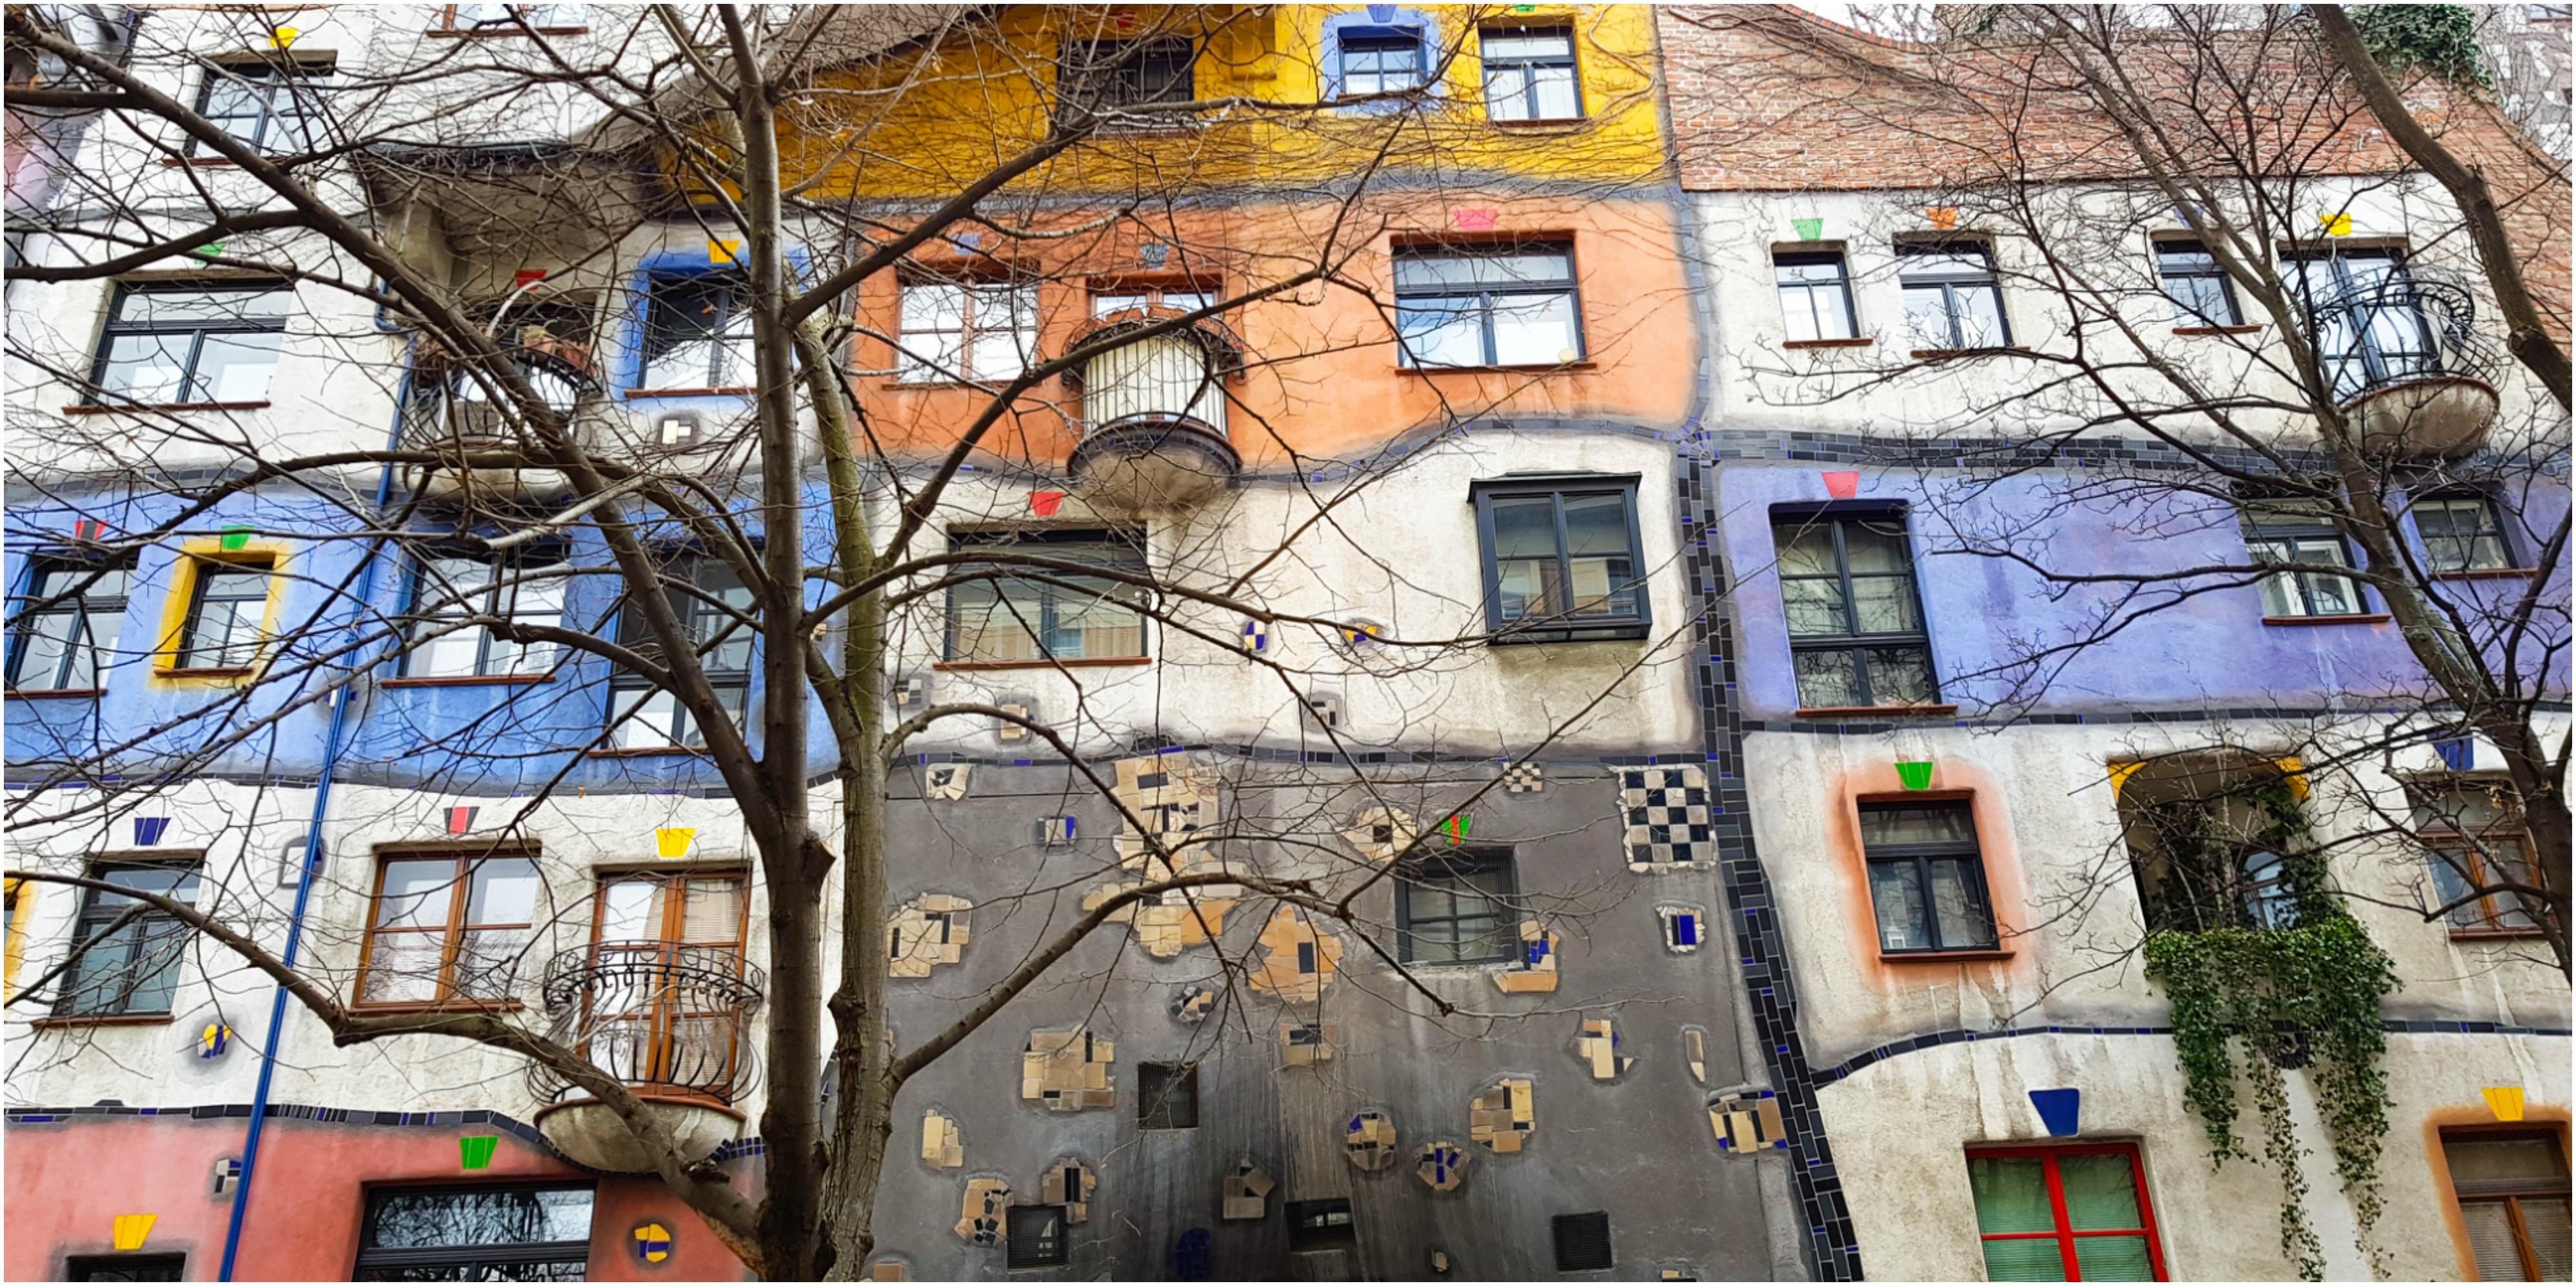 Hundertwasser-Wien-3-jours-découvrir-bog-voyage